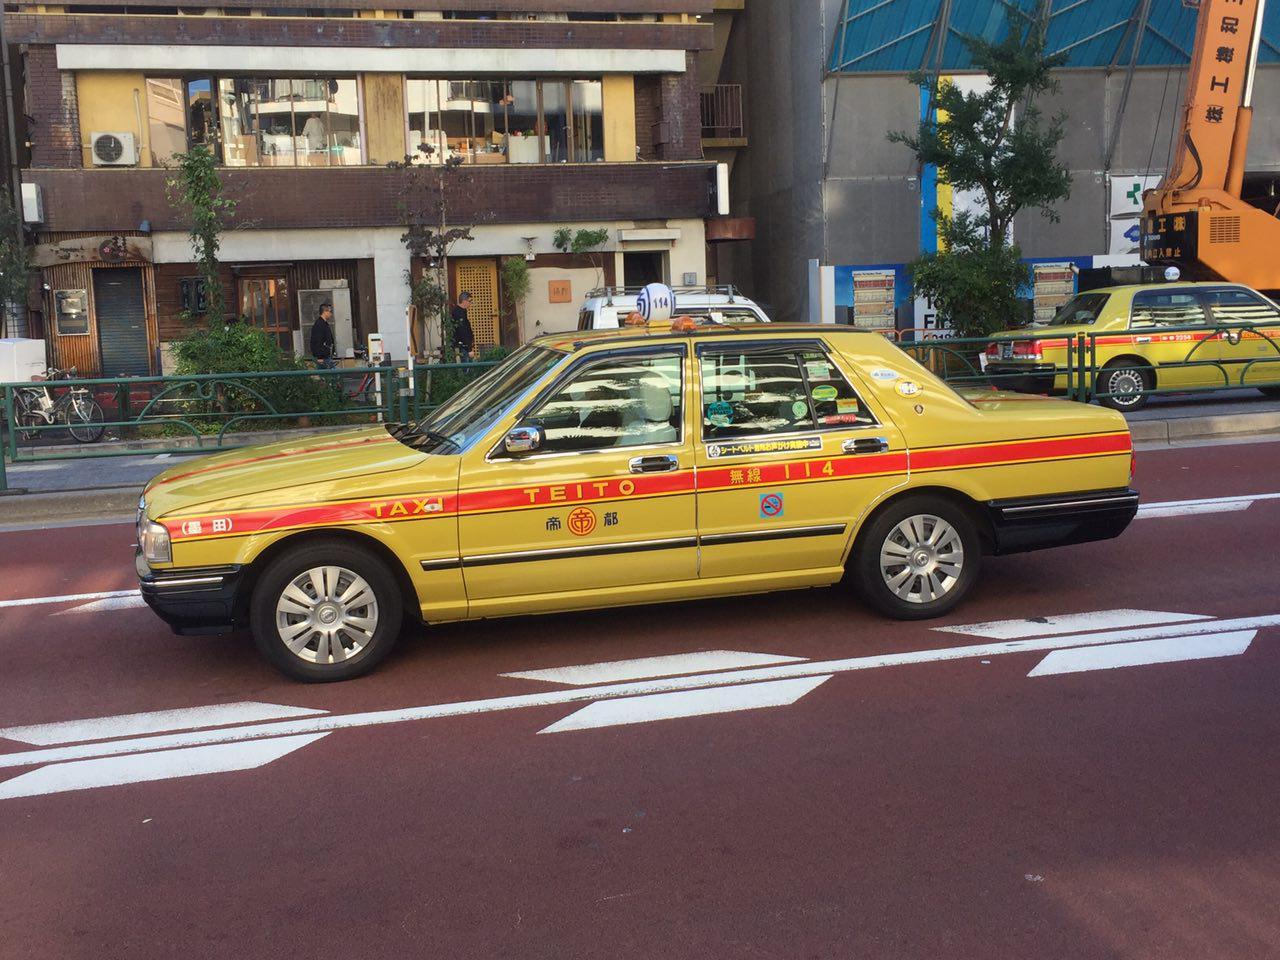 همه چیز در باره تاکسی های ژاپن /گذار سنت به مدرنیته (+عکس)